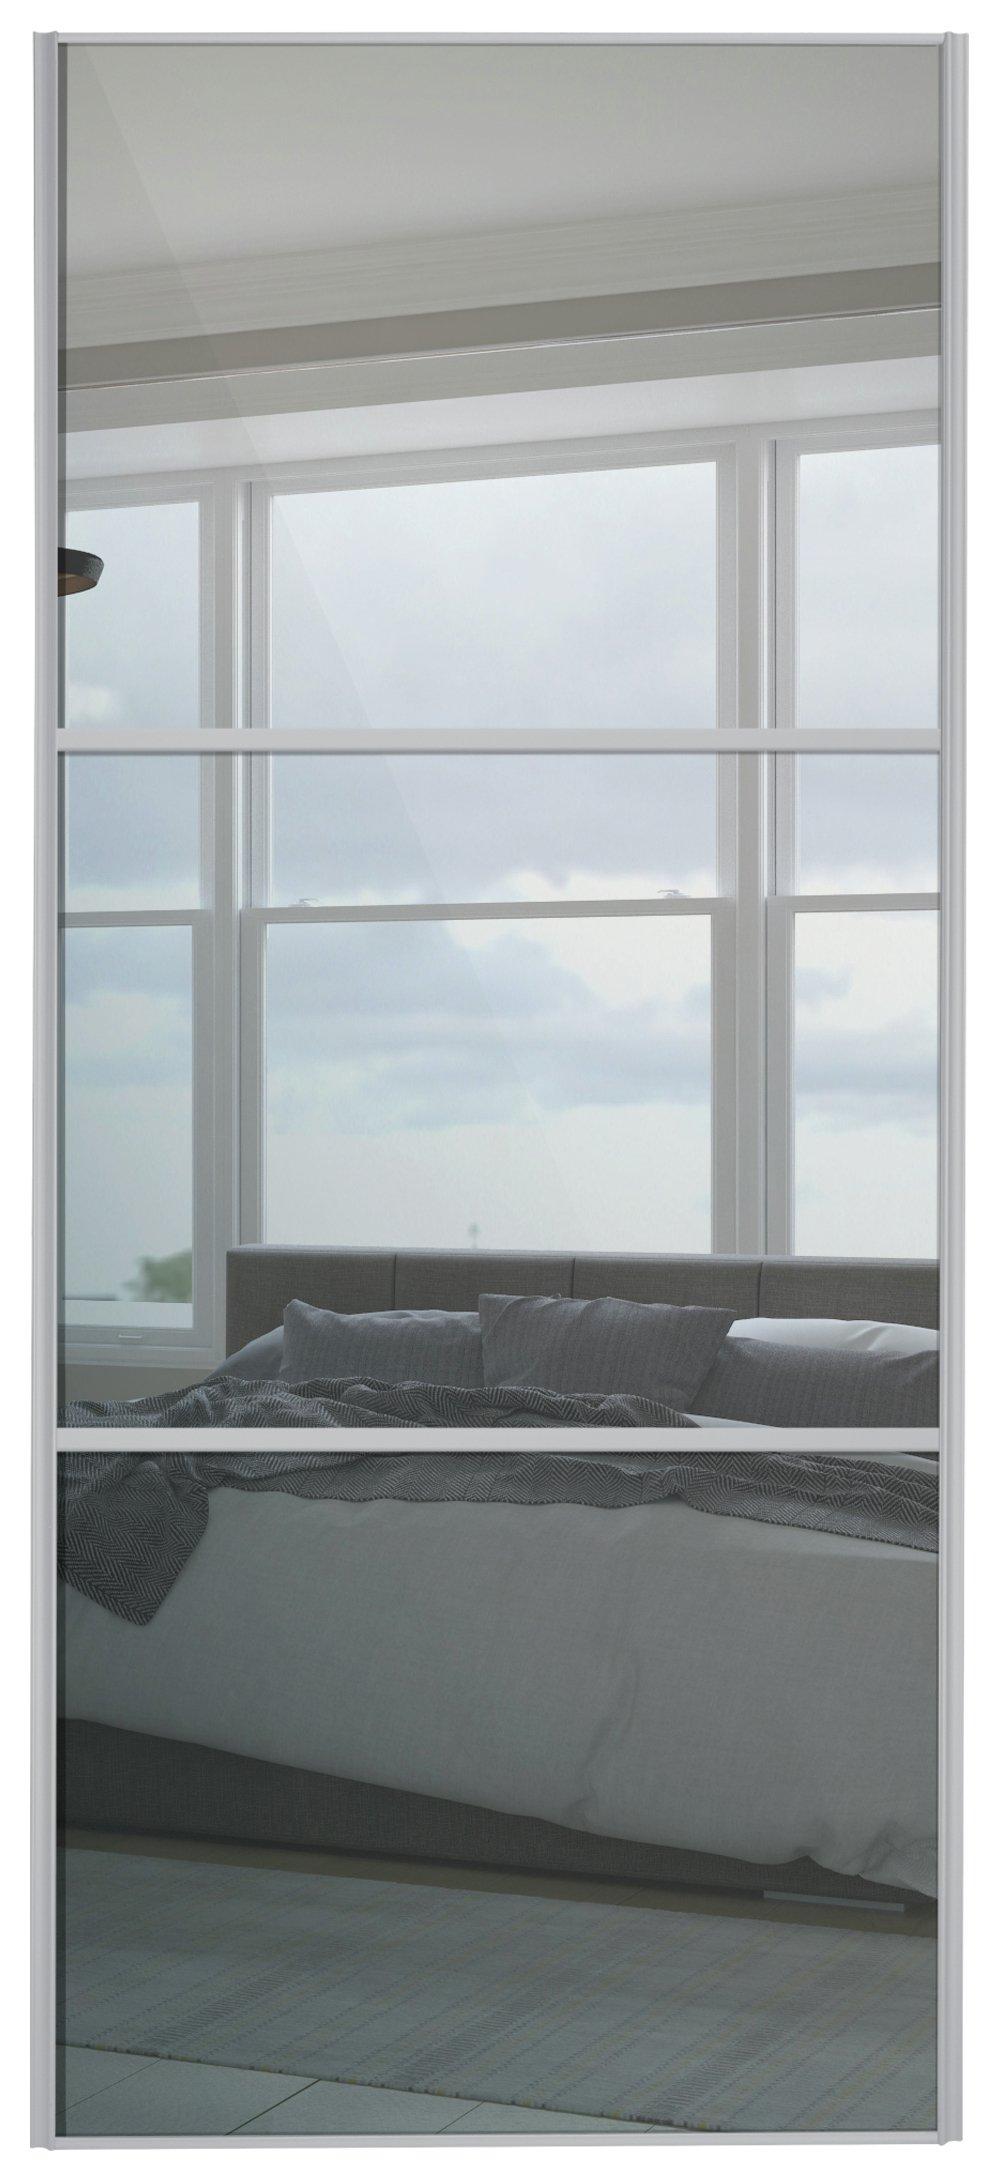 Sliding Wardrobe Door W762mm 3 Panel Silver Frame Mirror  sc 1 st  Argos & Sliding wardrobe doors | Argos pezcame.com